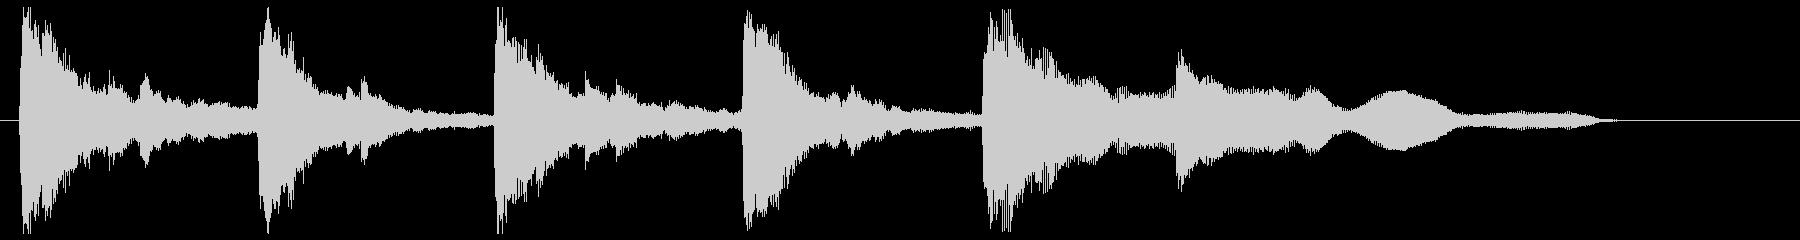 切ない響き ピアノの未再生の波形